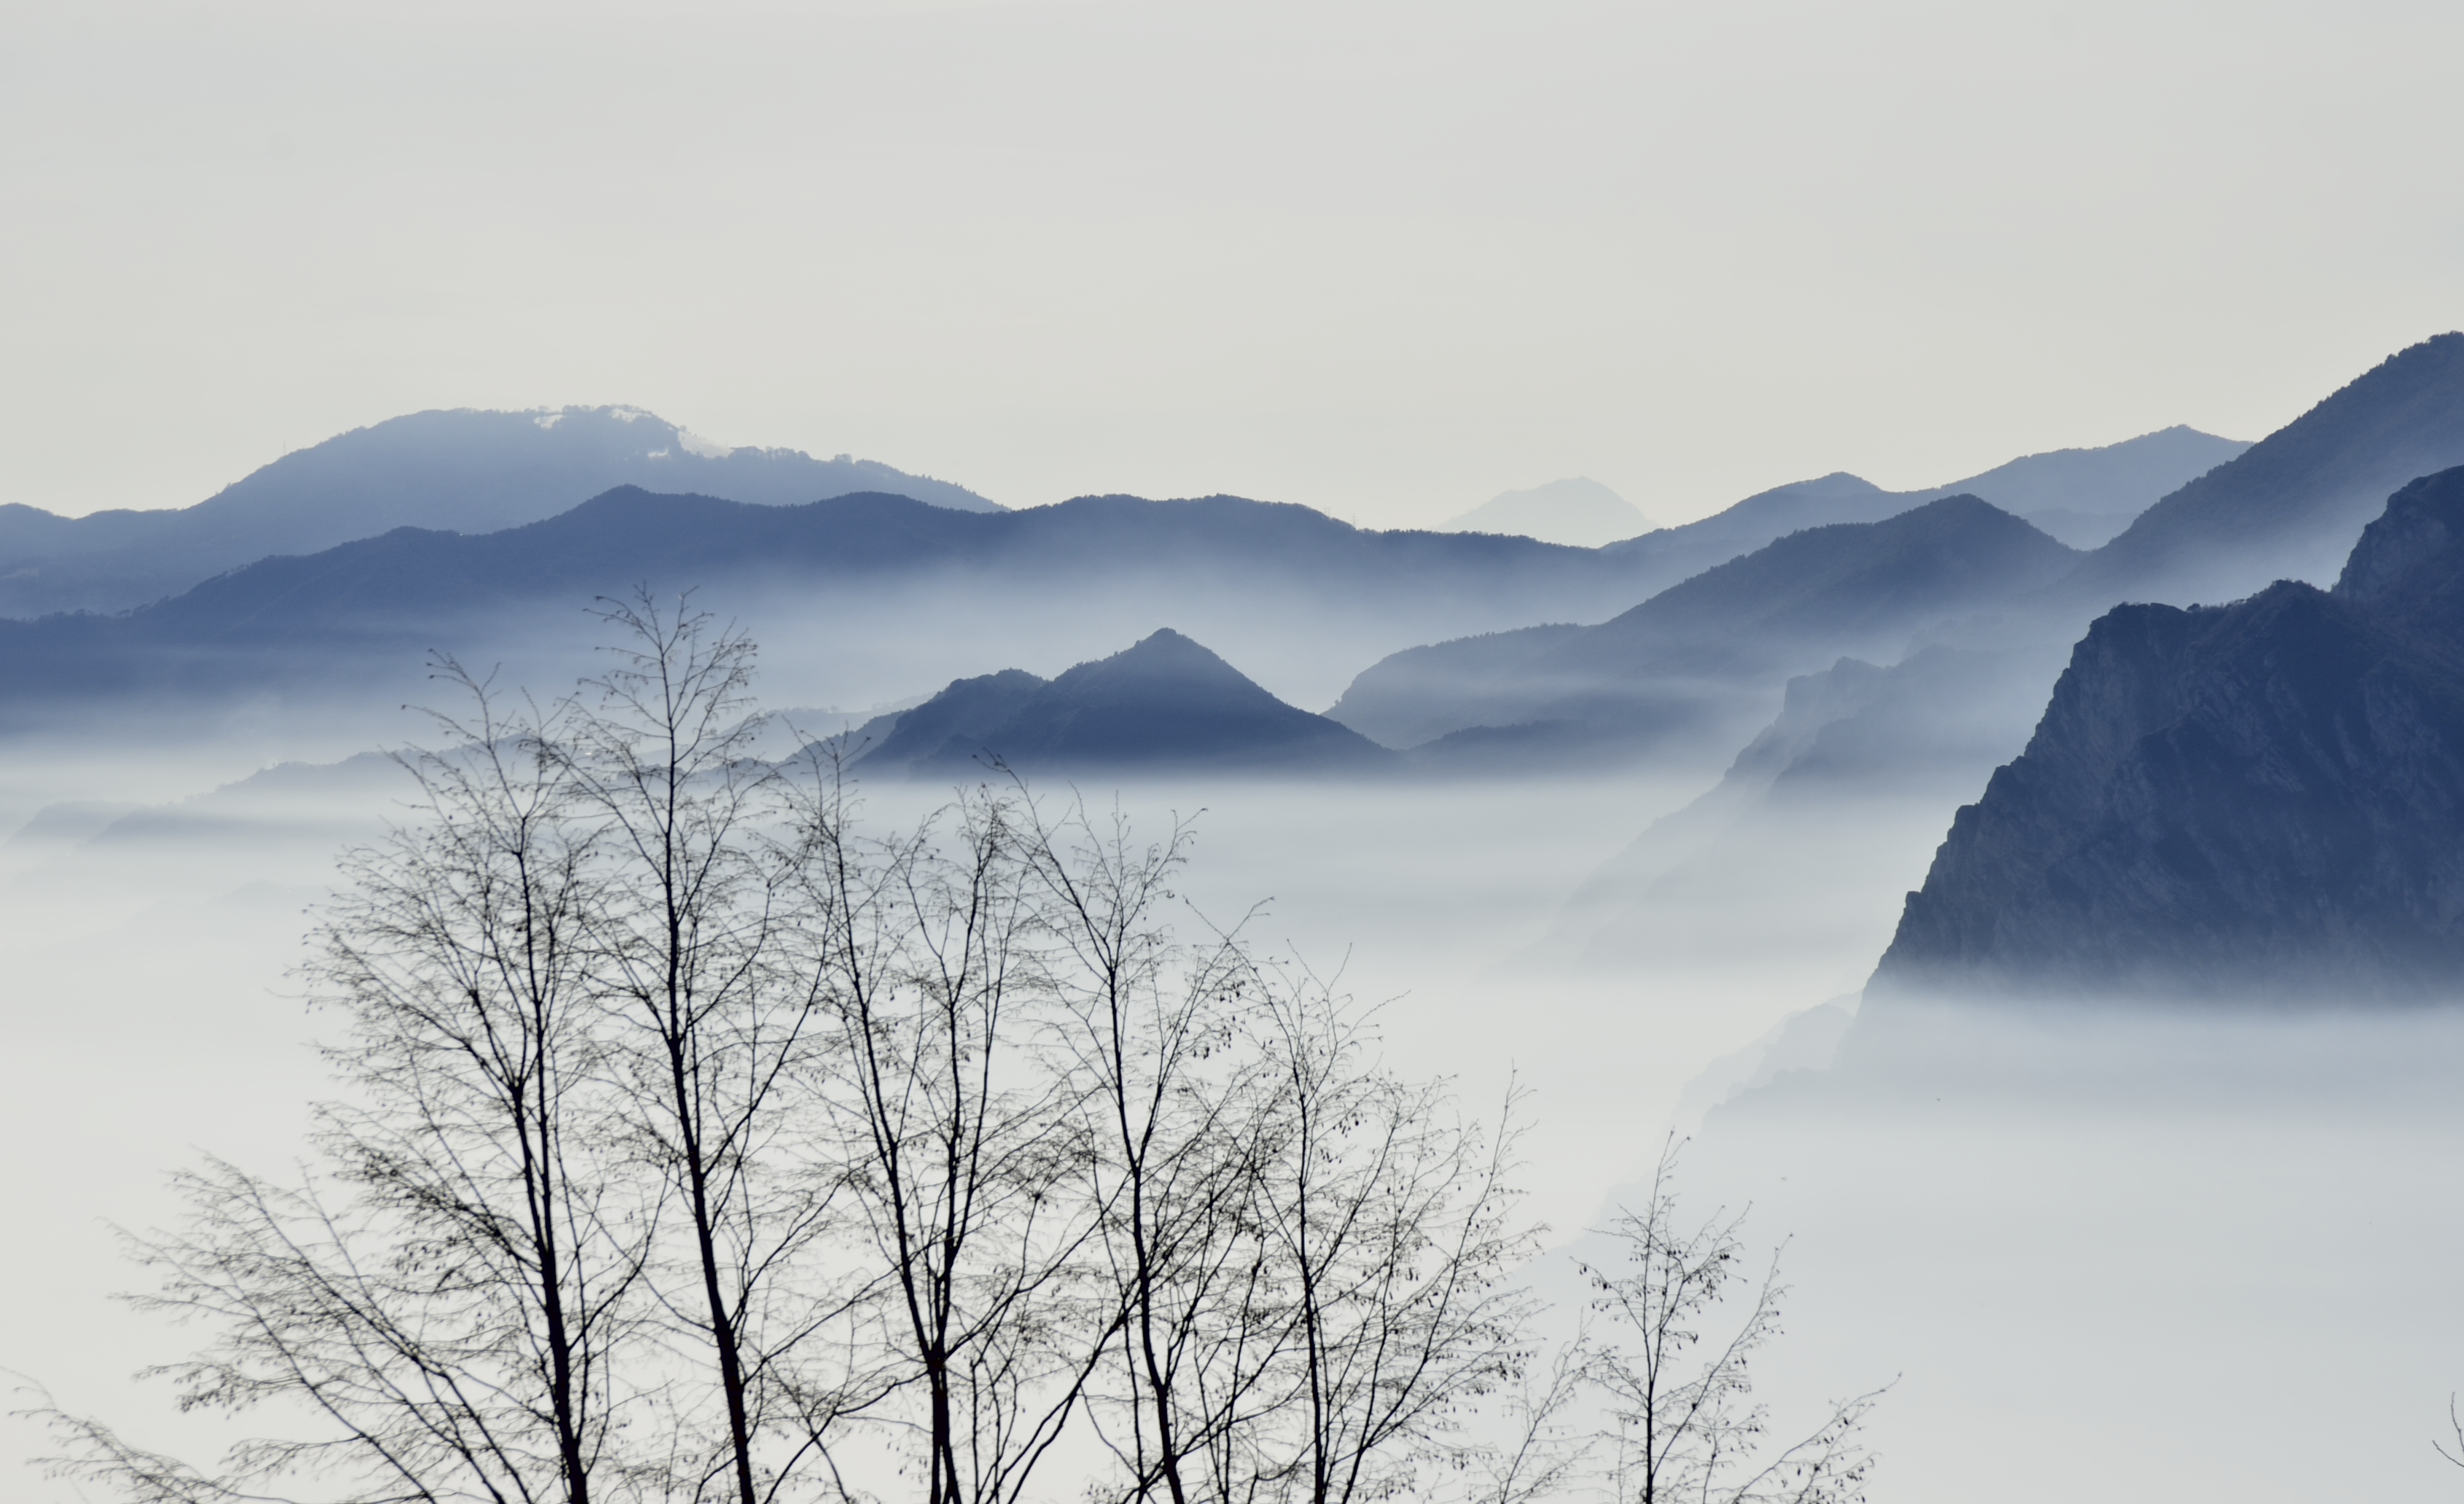 Panorama mozzafiato (anche se con foschia) da Maso Naranc a Pannone di Mori (TN)